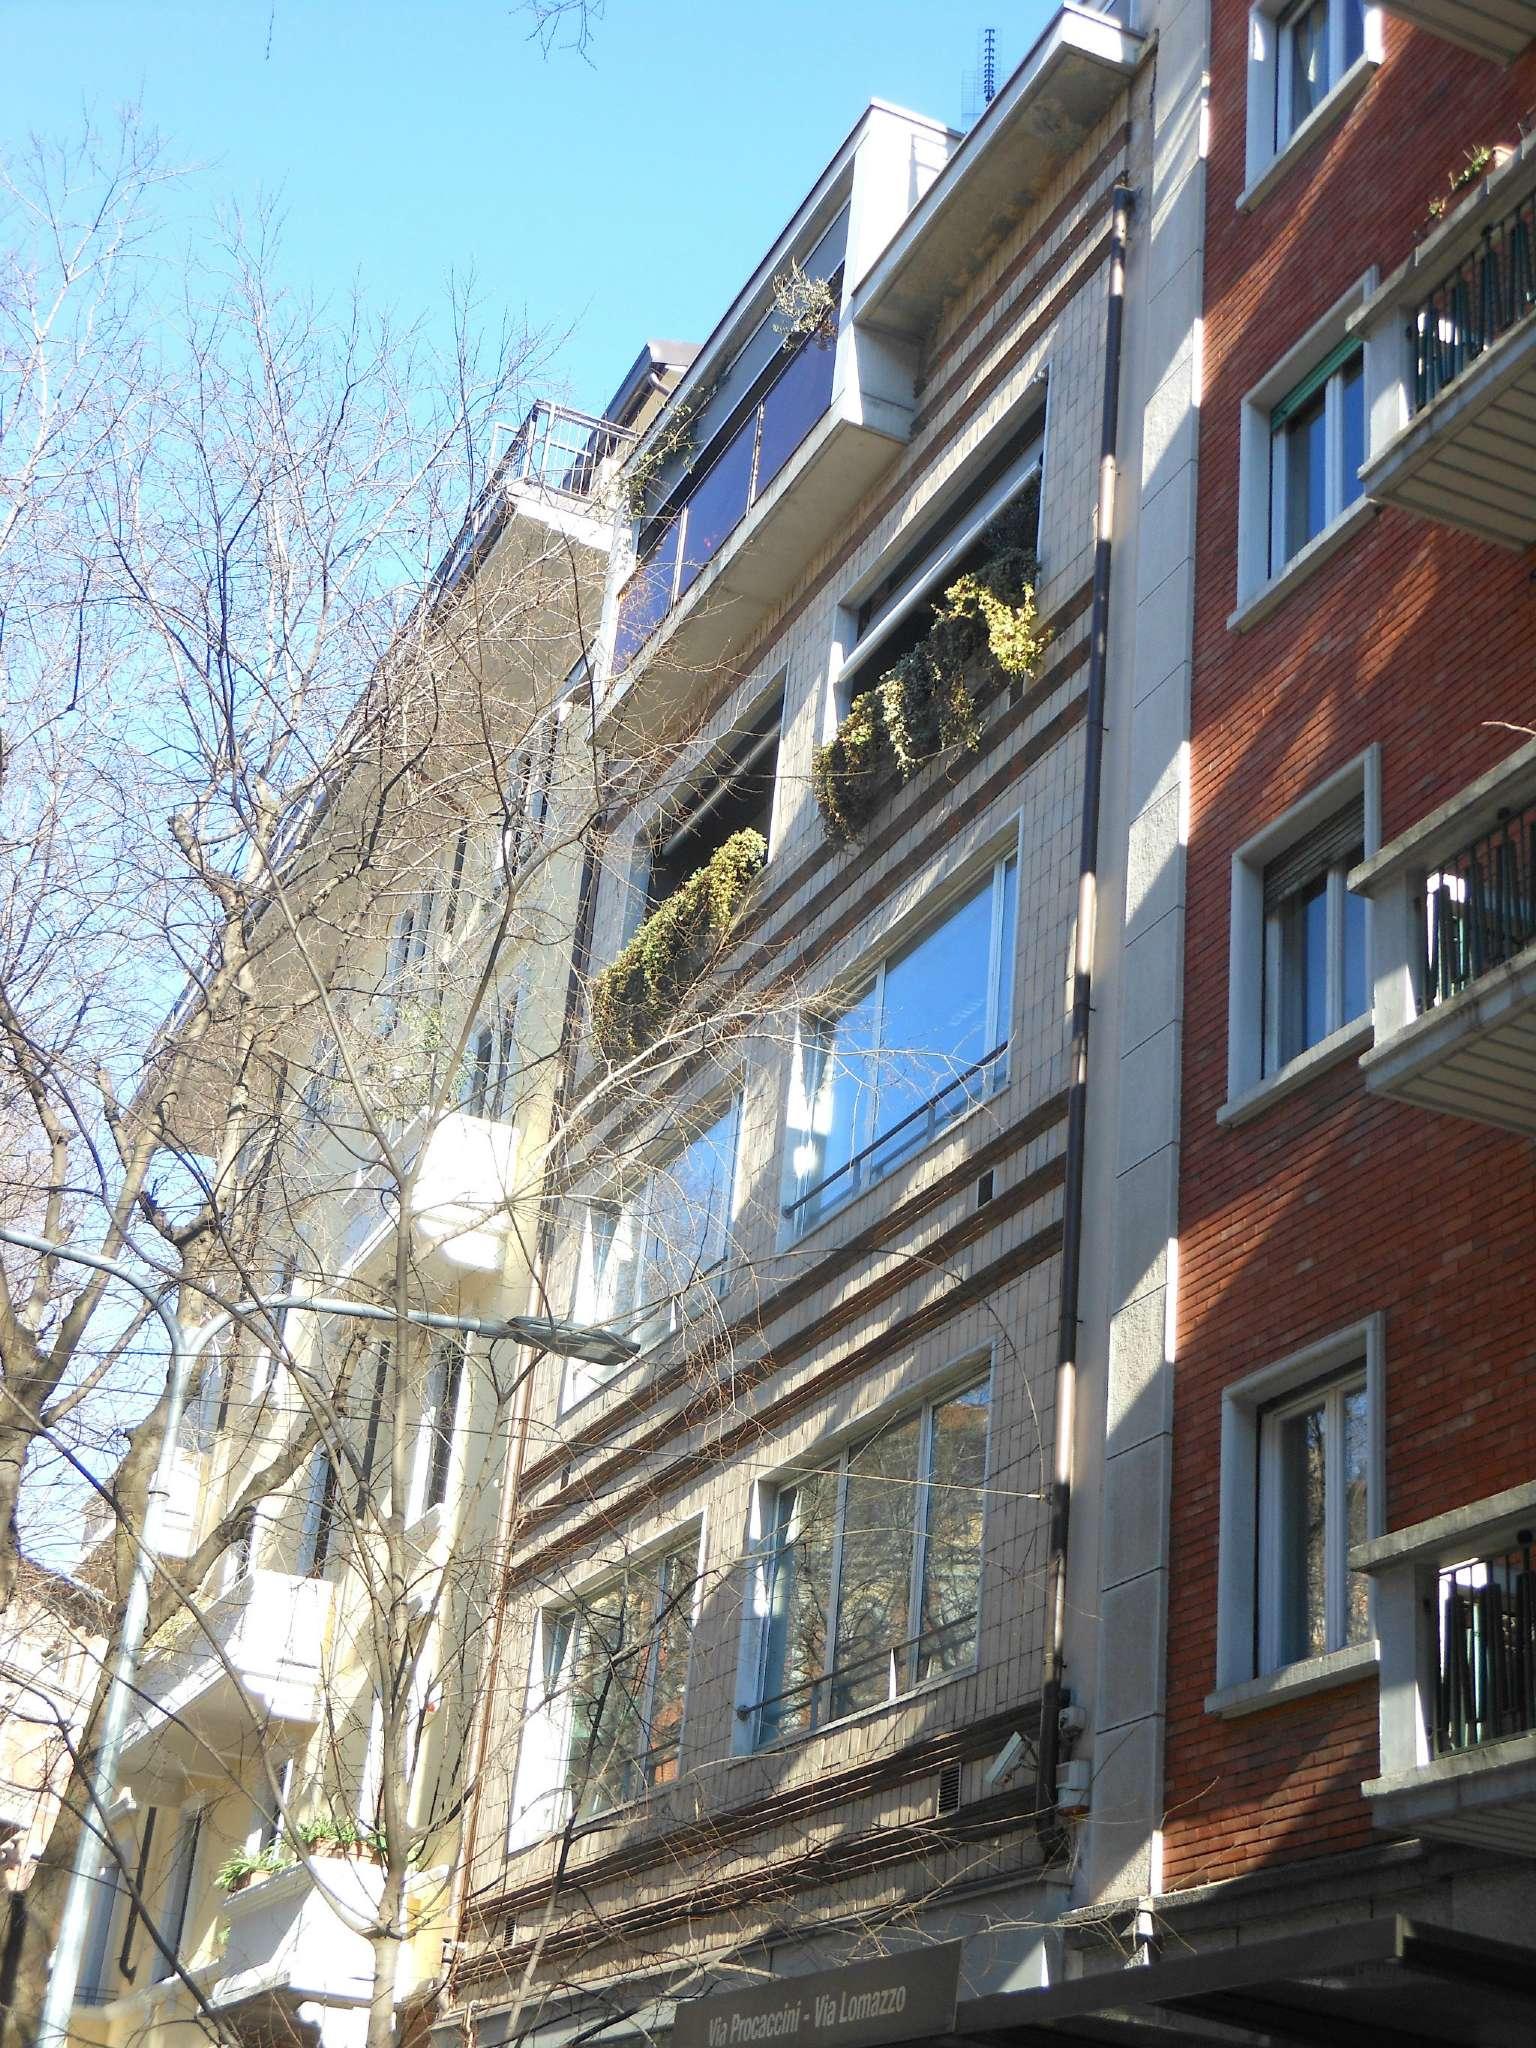 Annunci immobiliari di palazzi e stabili in vendita a for Piani di palazzi contemporanei